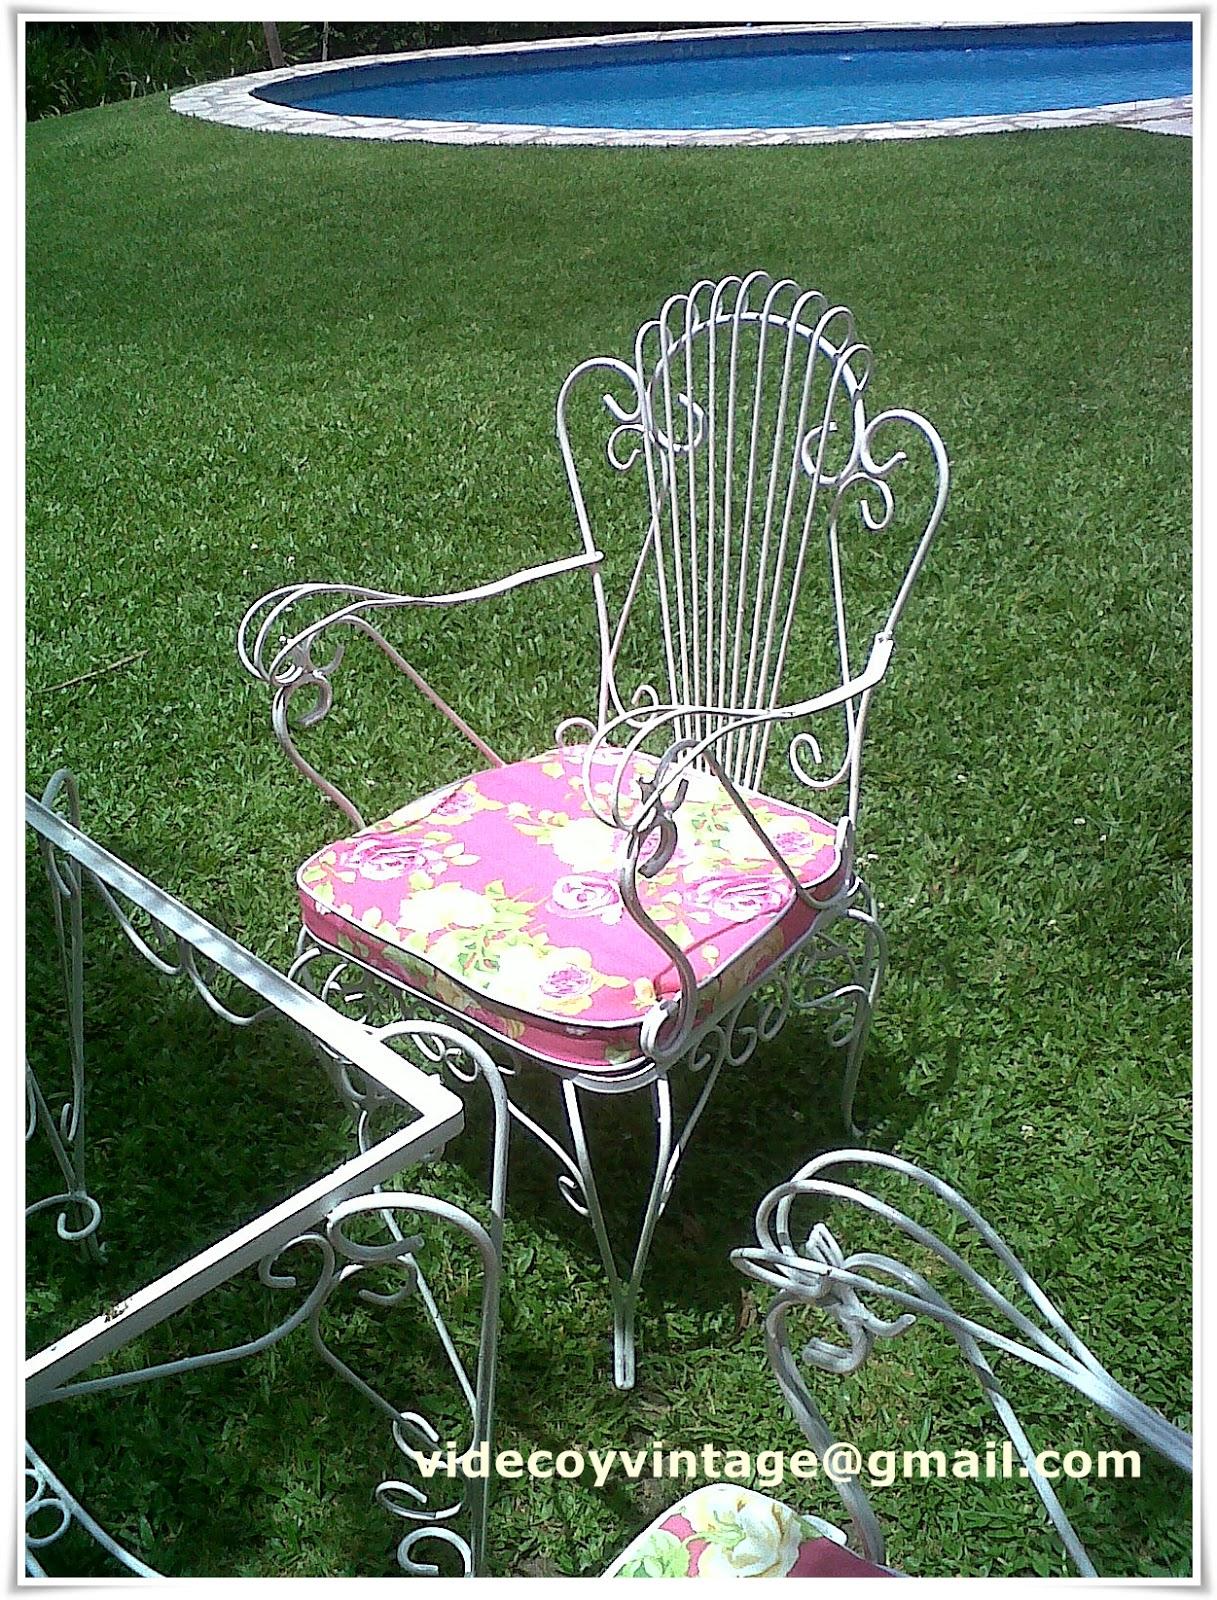 Videcoyvintage deco sillones de hierro for Almohadones para sillones jardin